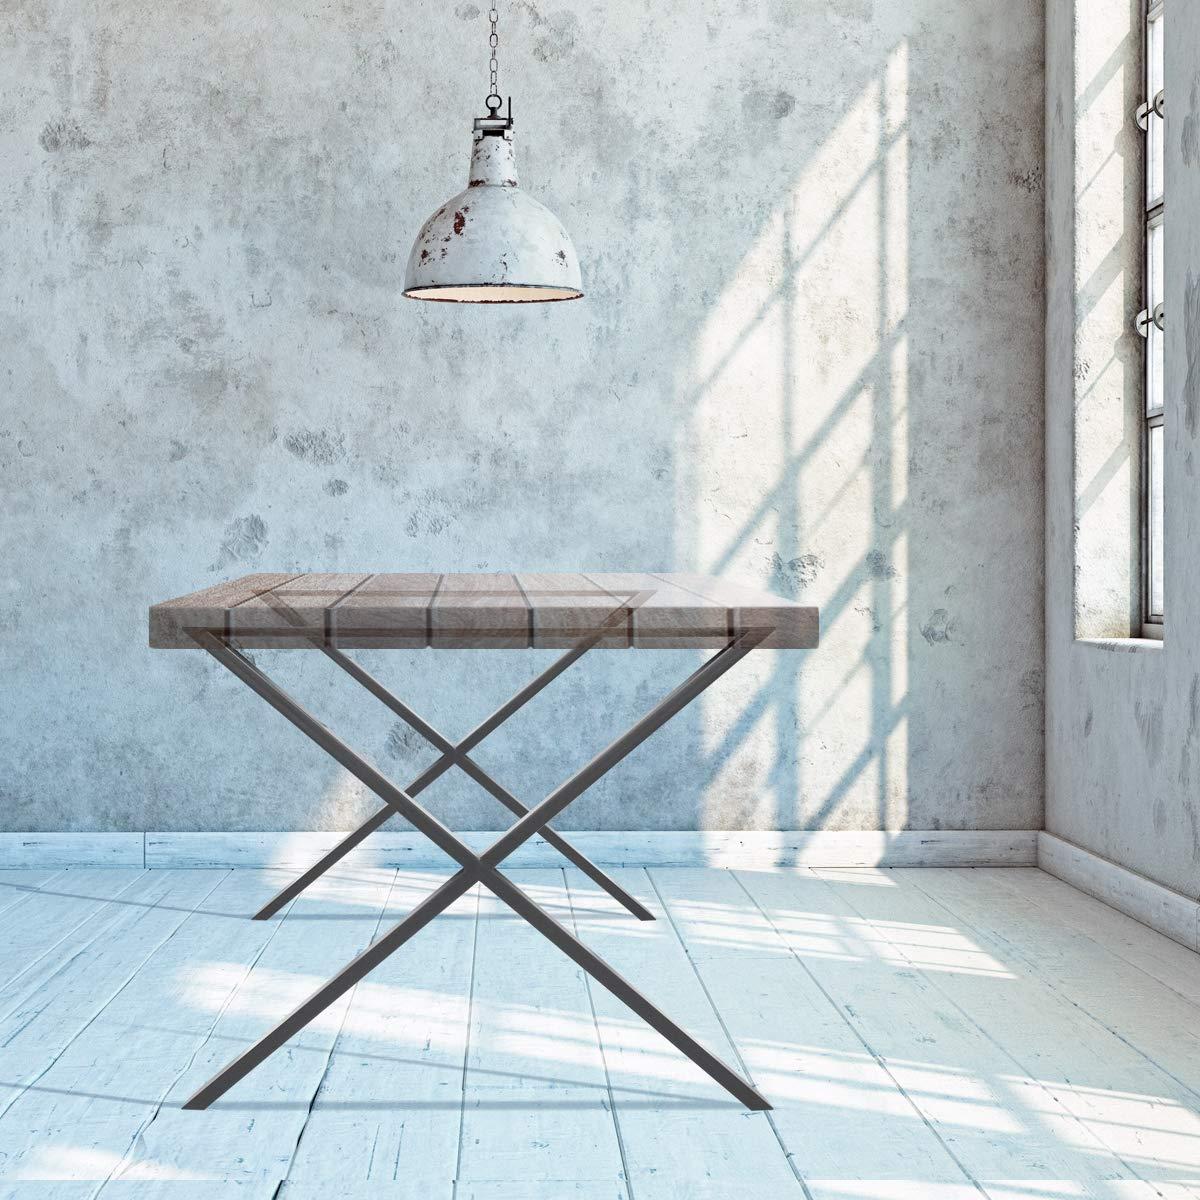 Industriedesign 60 x 72 cm Tischuntergestell Tischbeine Set Tischkufen Tischf/ü/ße Dunkelgrau ECD Germany 2 St/ück Tischgestell aus pulverbeschichteter Stahl